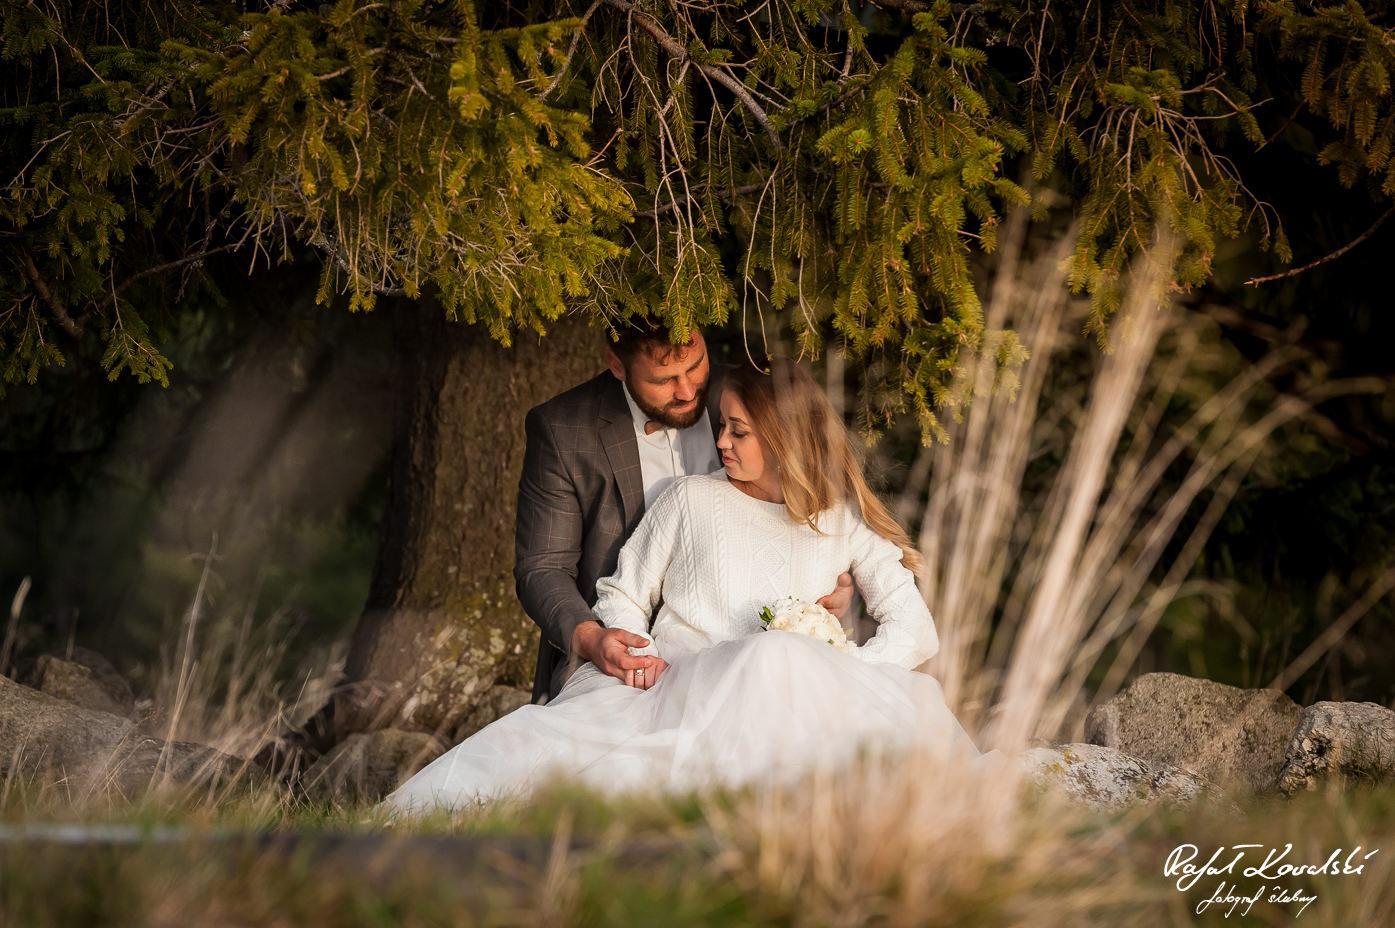 biel sukni ślubnej wyróżnia się na tle zielonych i brązowych odcieni natury